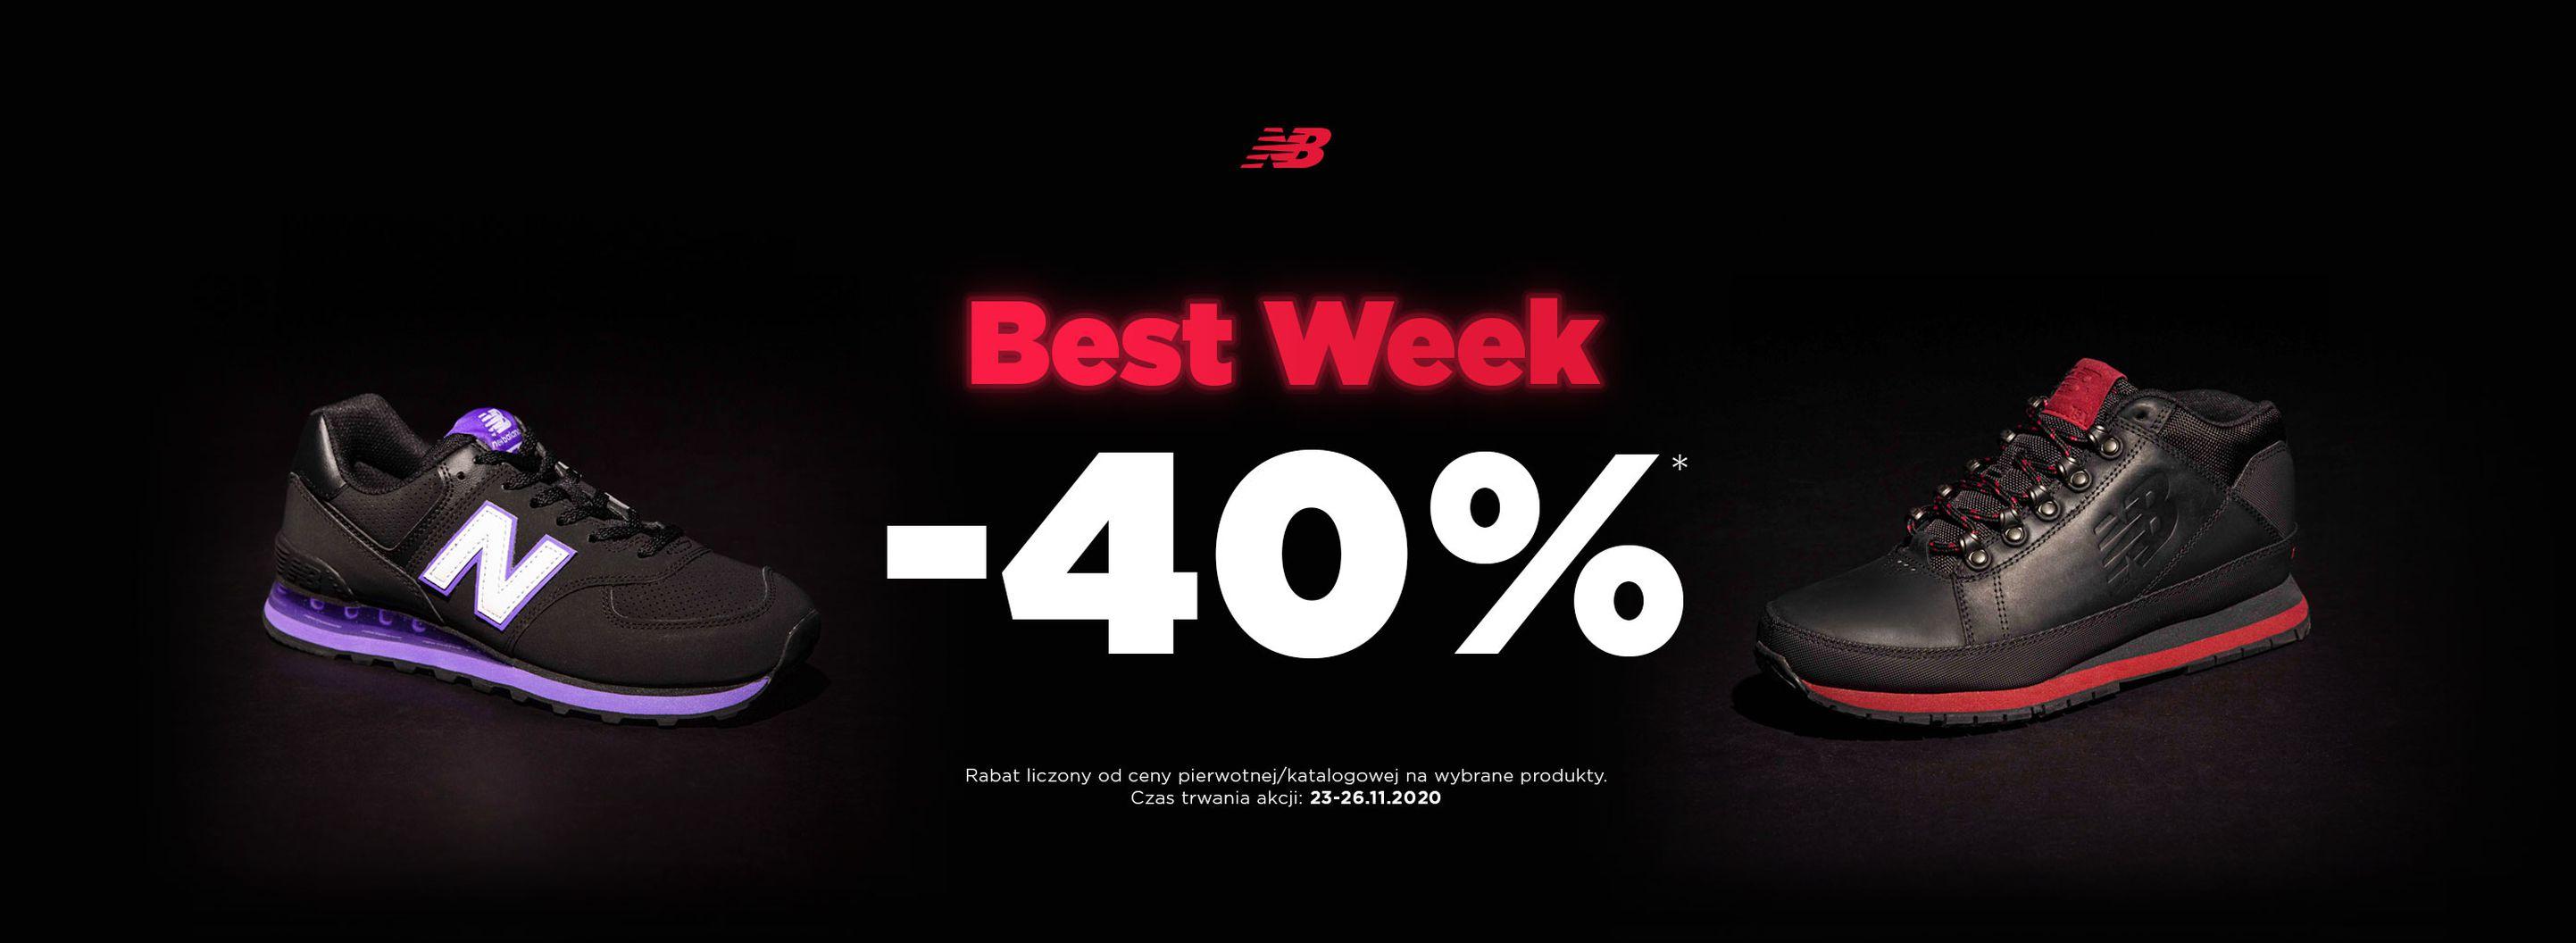 New Balance: Best Week 40% zniżki na buty, odzież oraz akcesoria sportowe  New Balance